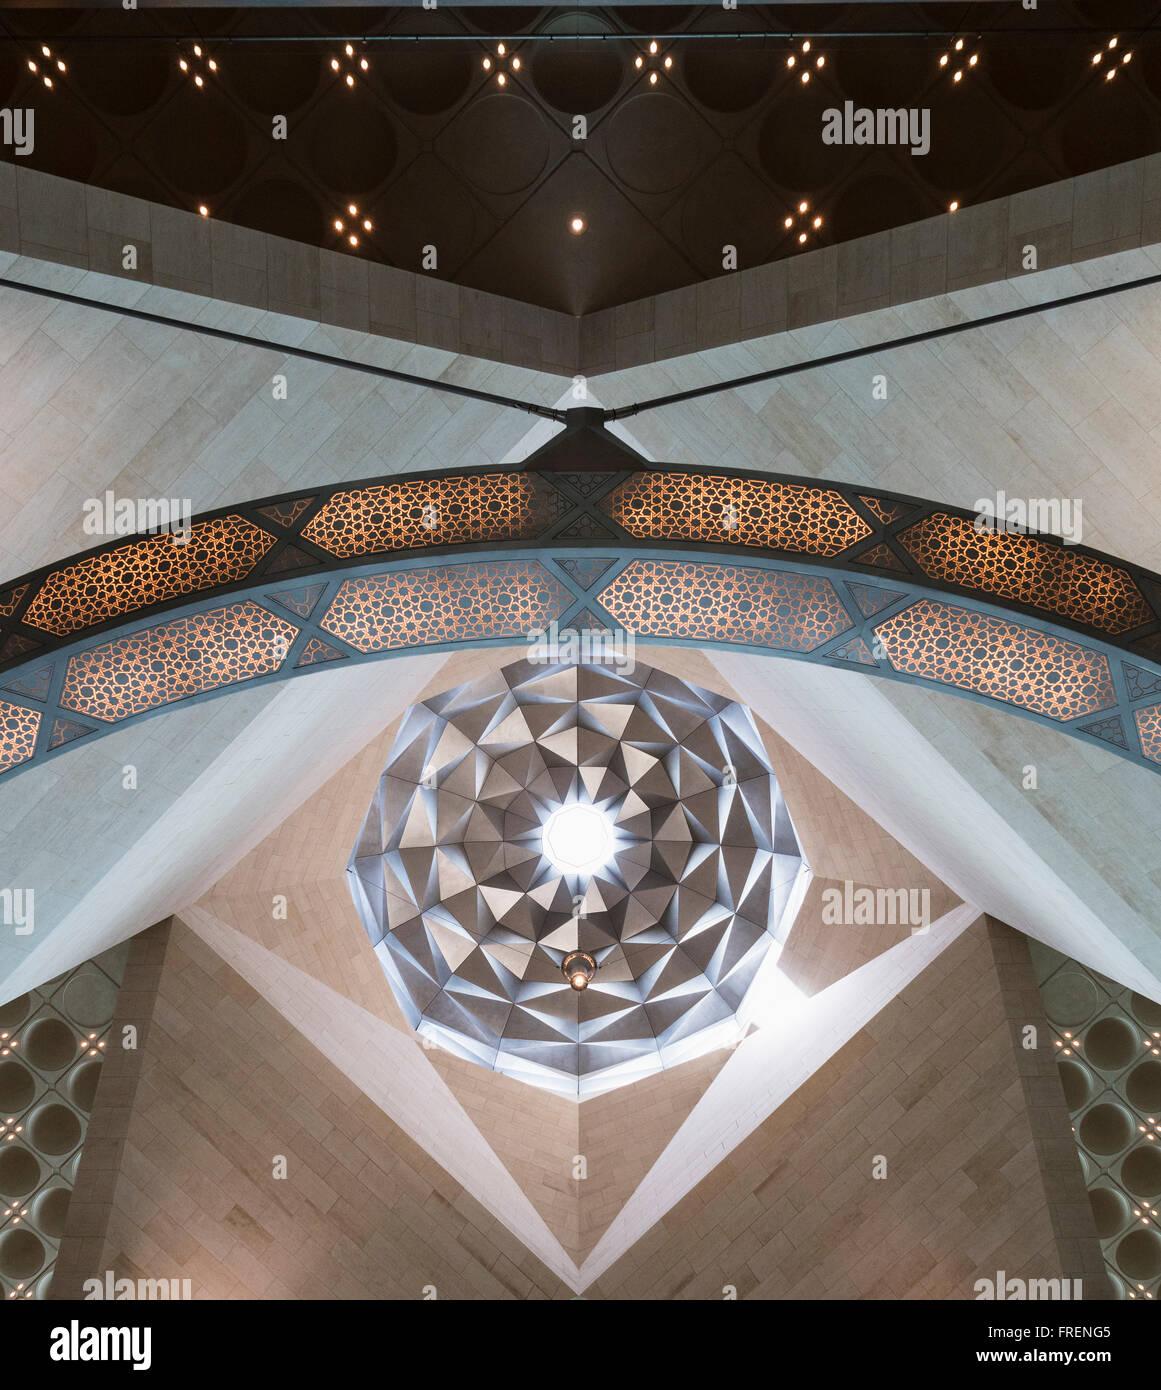 Vista interna di dettagli architettonici del tetto presso il Museo di Arte Islamica di Doha in Qatar Foto Stock